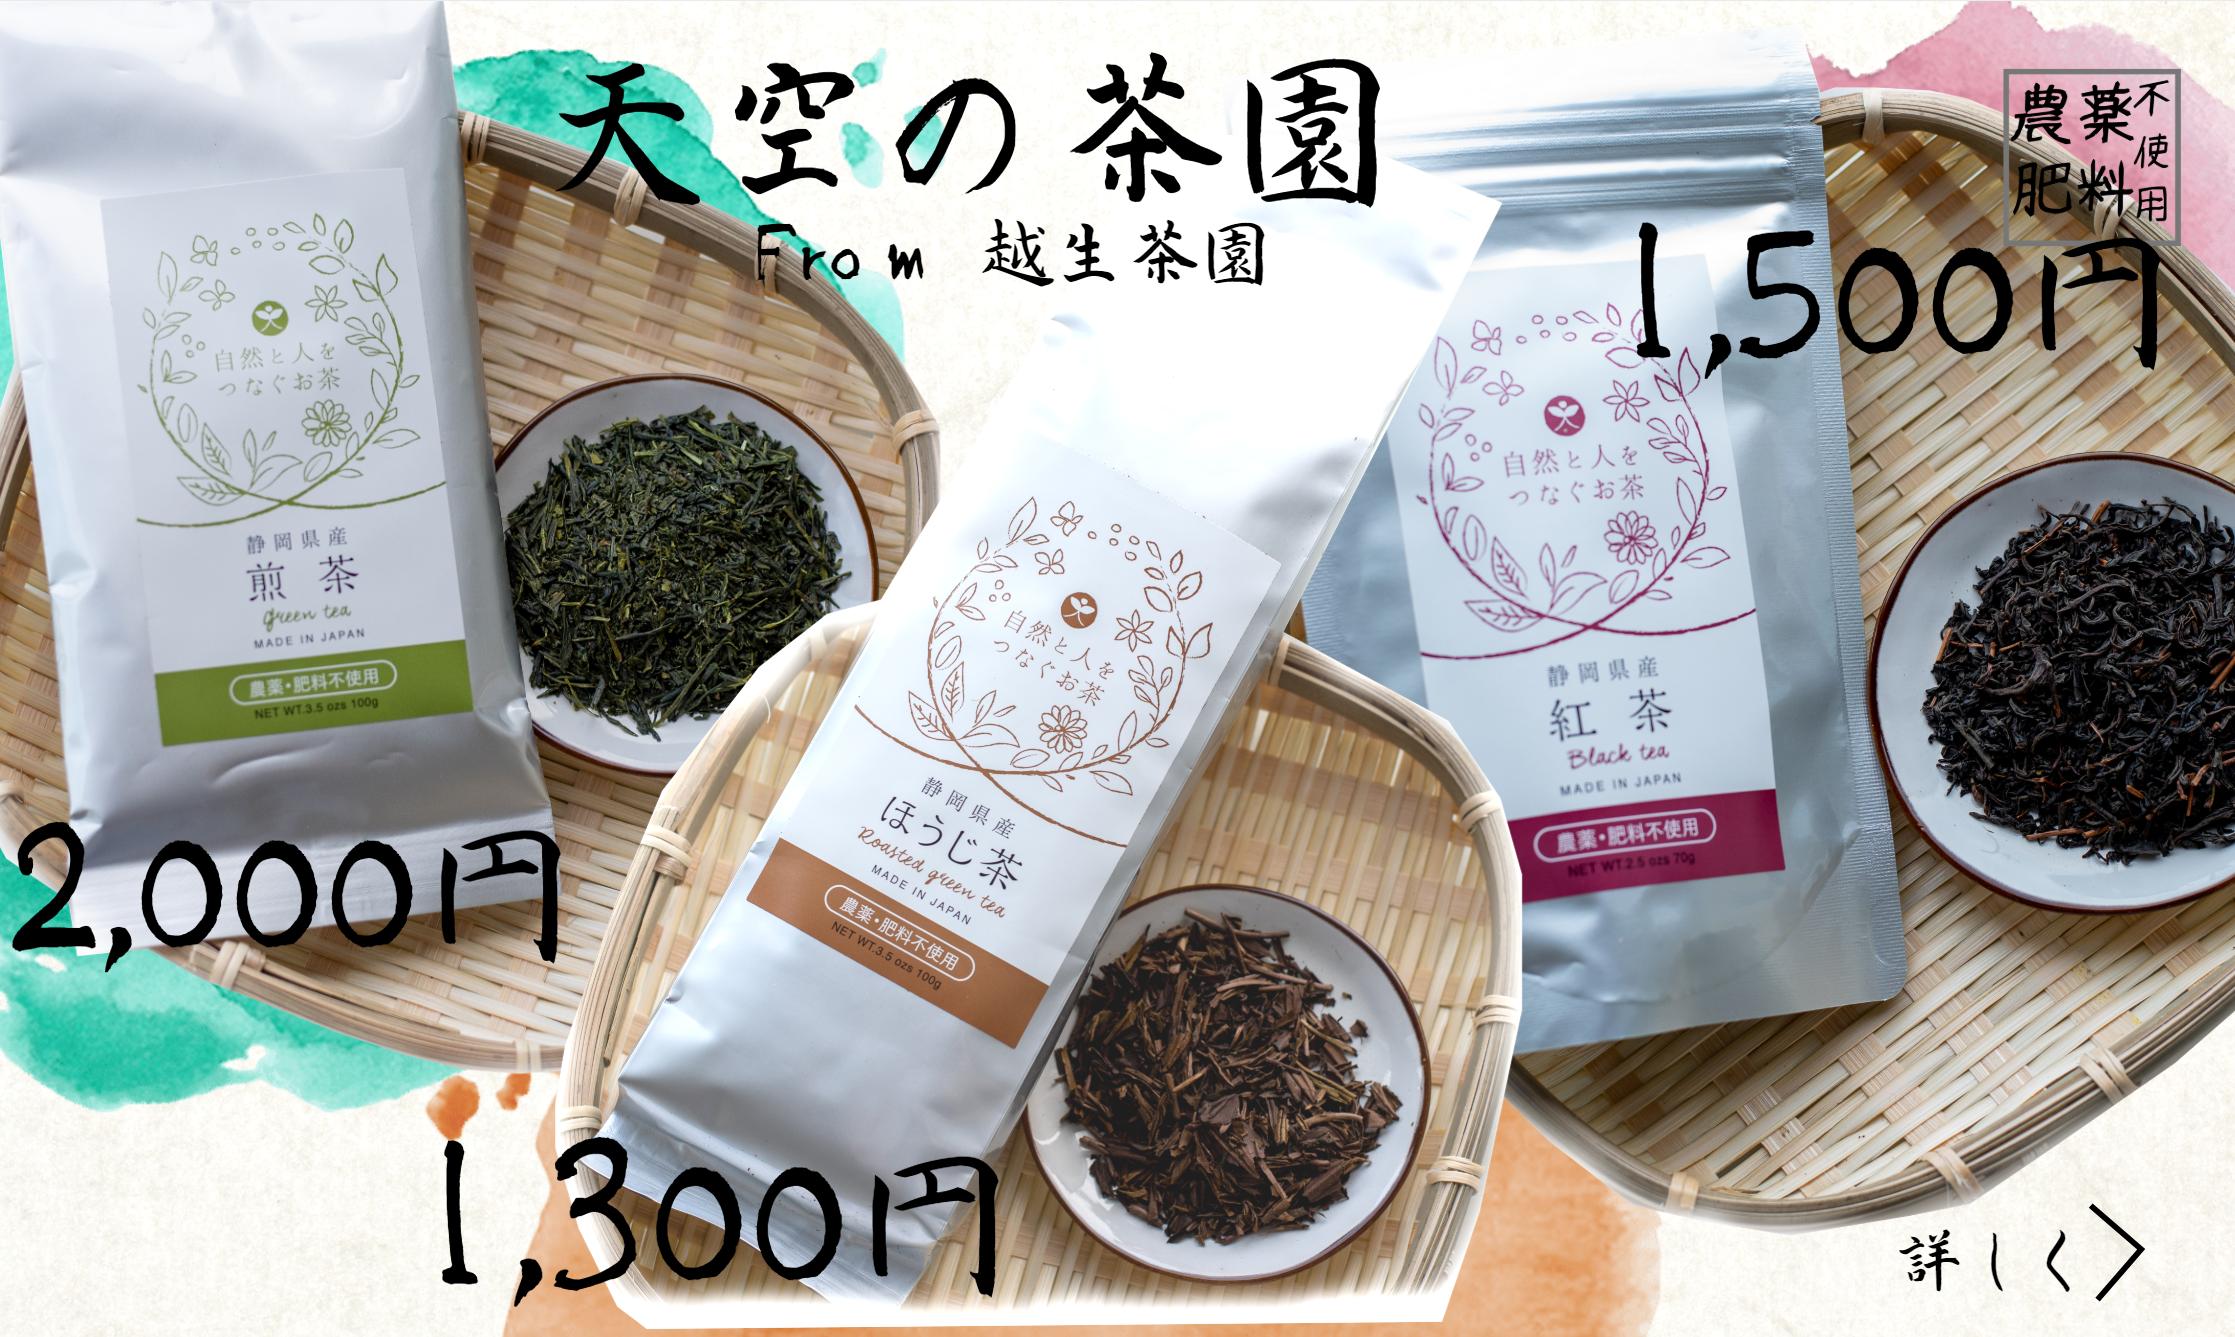 静岡県産オーガニックのお茶と茶葉